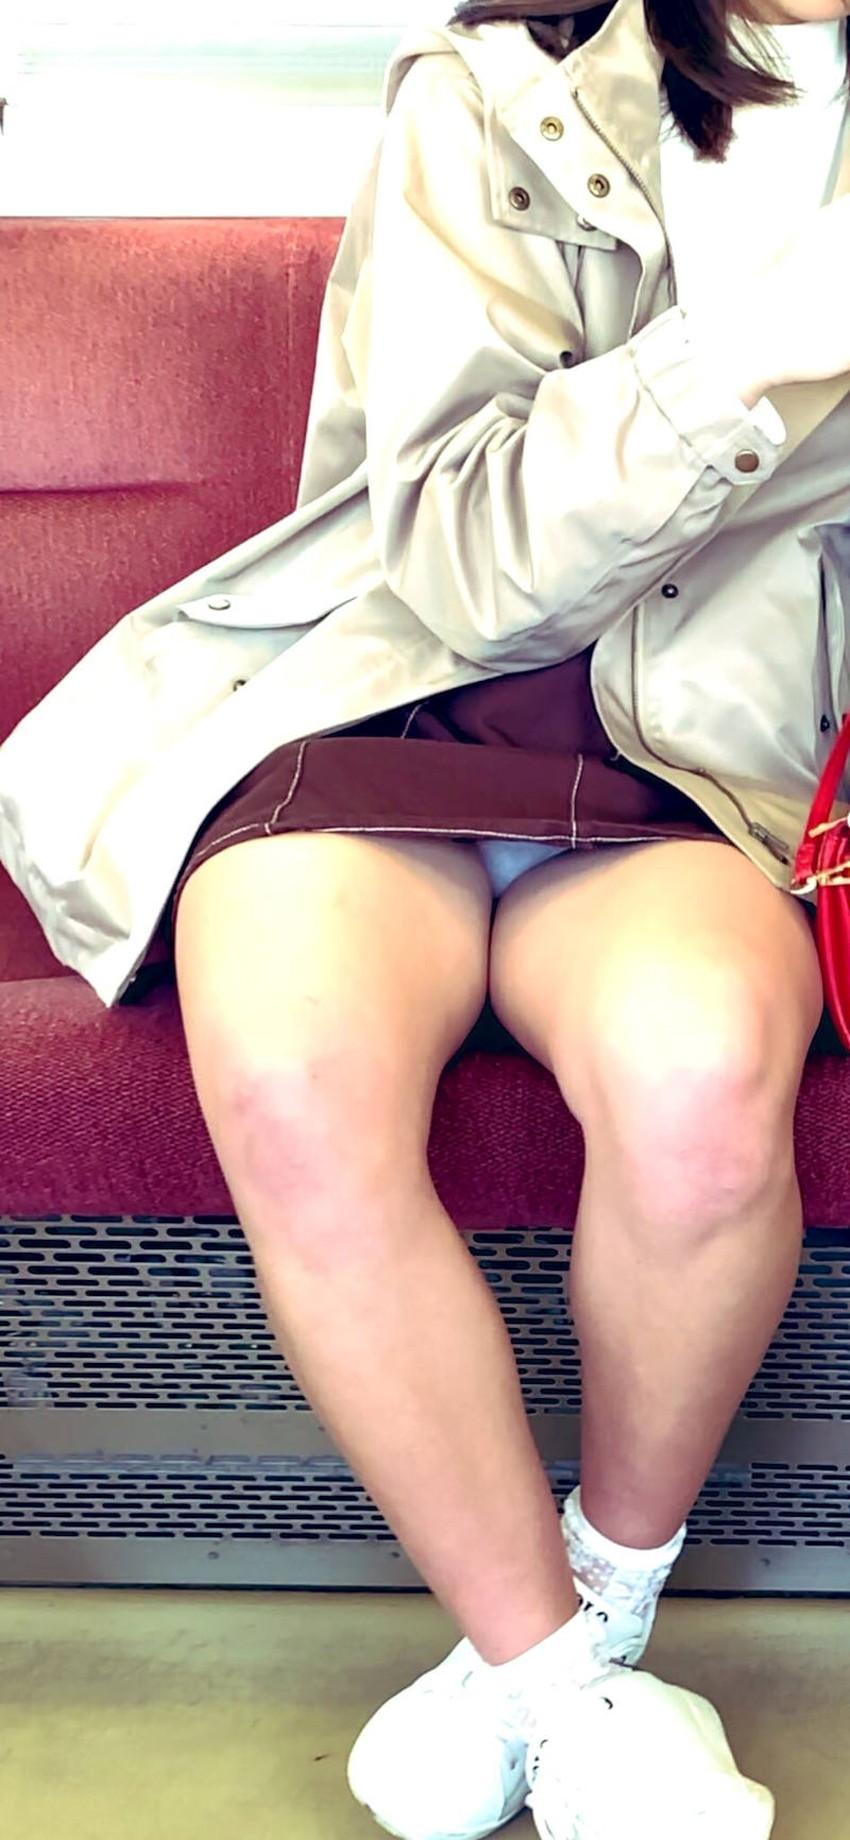 【電車内パンチラエロ画像】辛い満員電車の中のオアシス電車内パンチラ!スーツOLや制服JKのデルタゾーンからパンティー見えてる電車内パンチラのエロ画像集!【80枚】 79